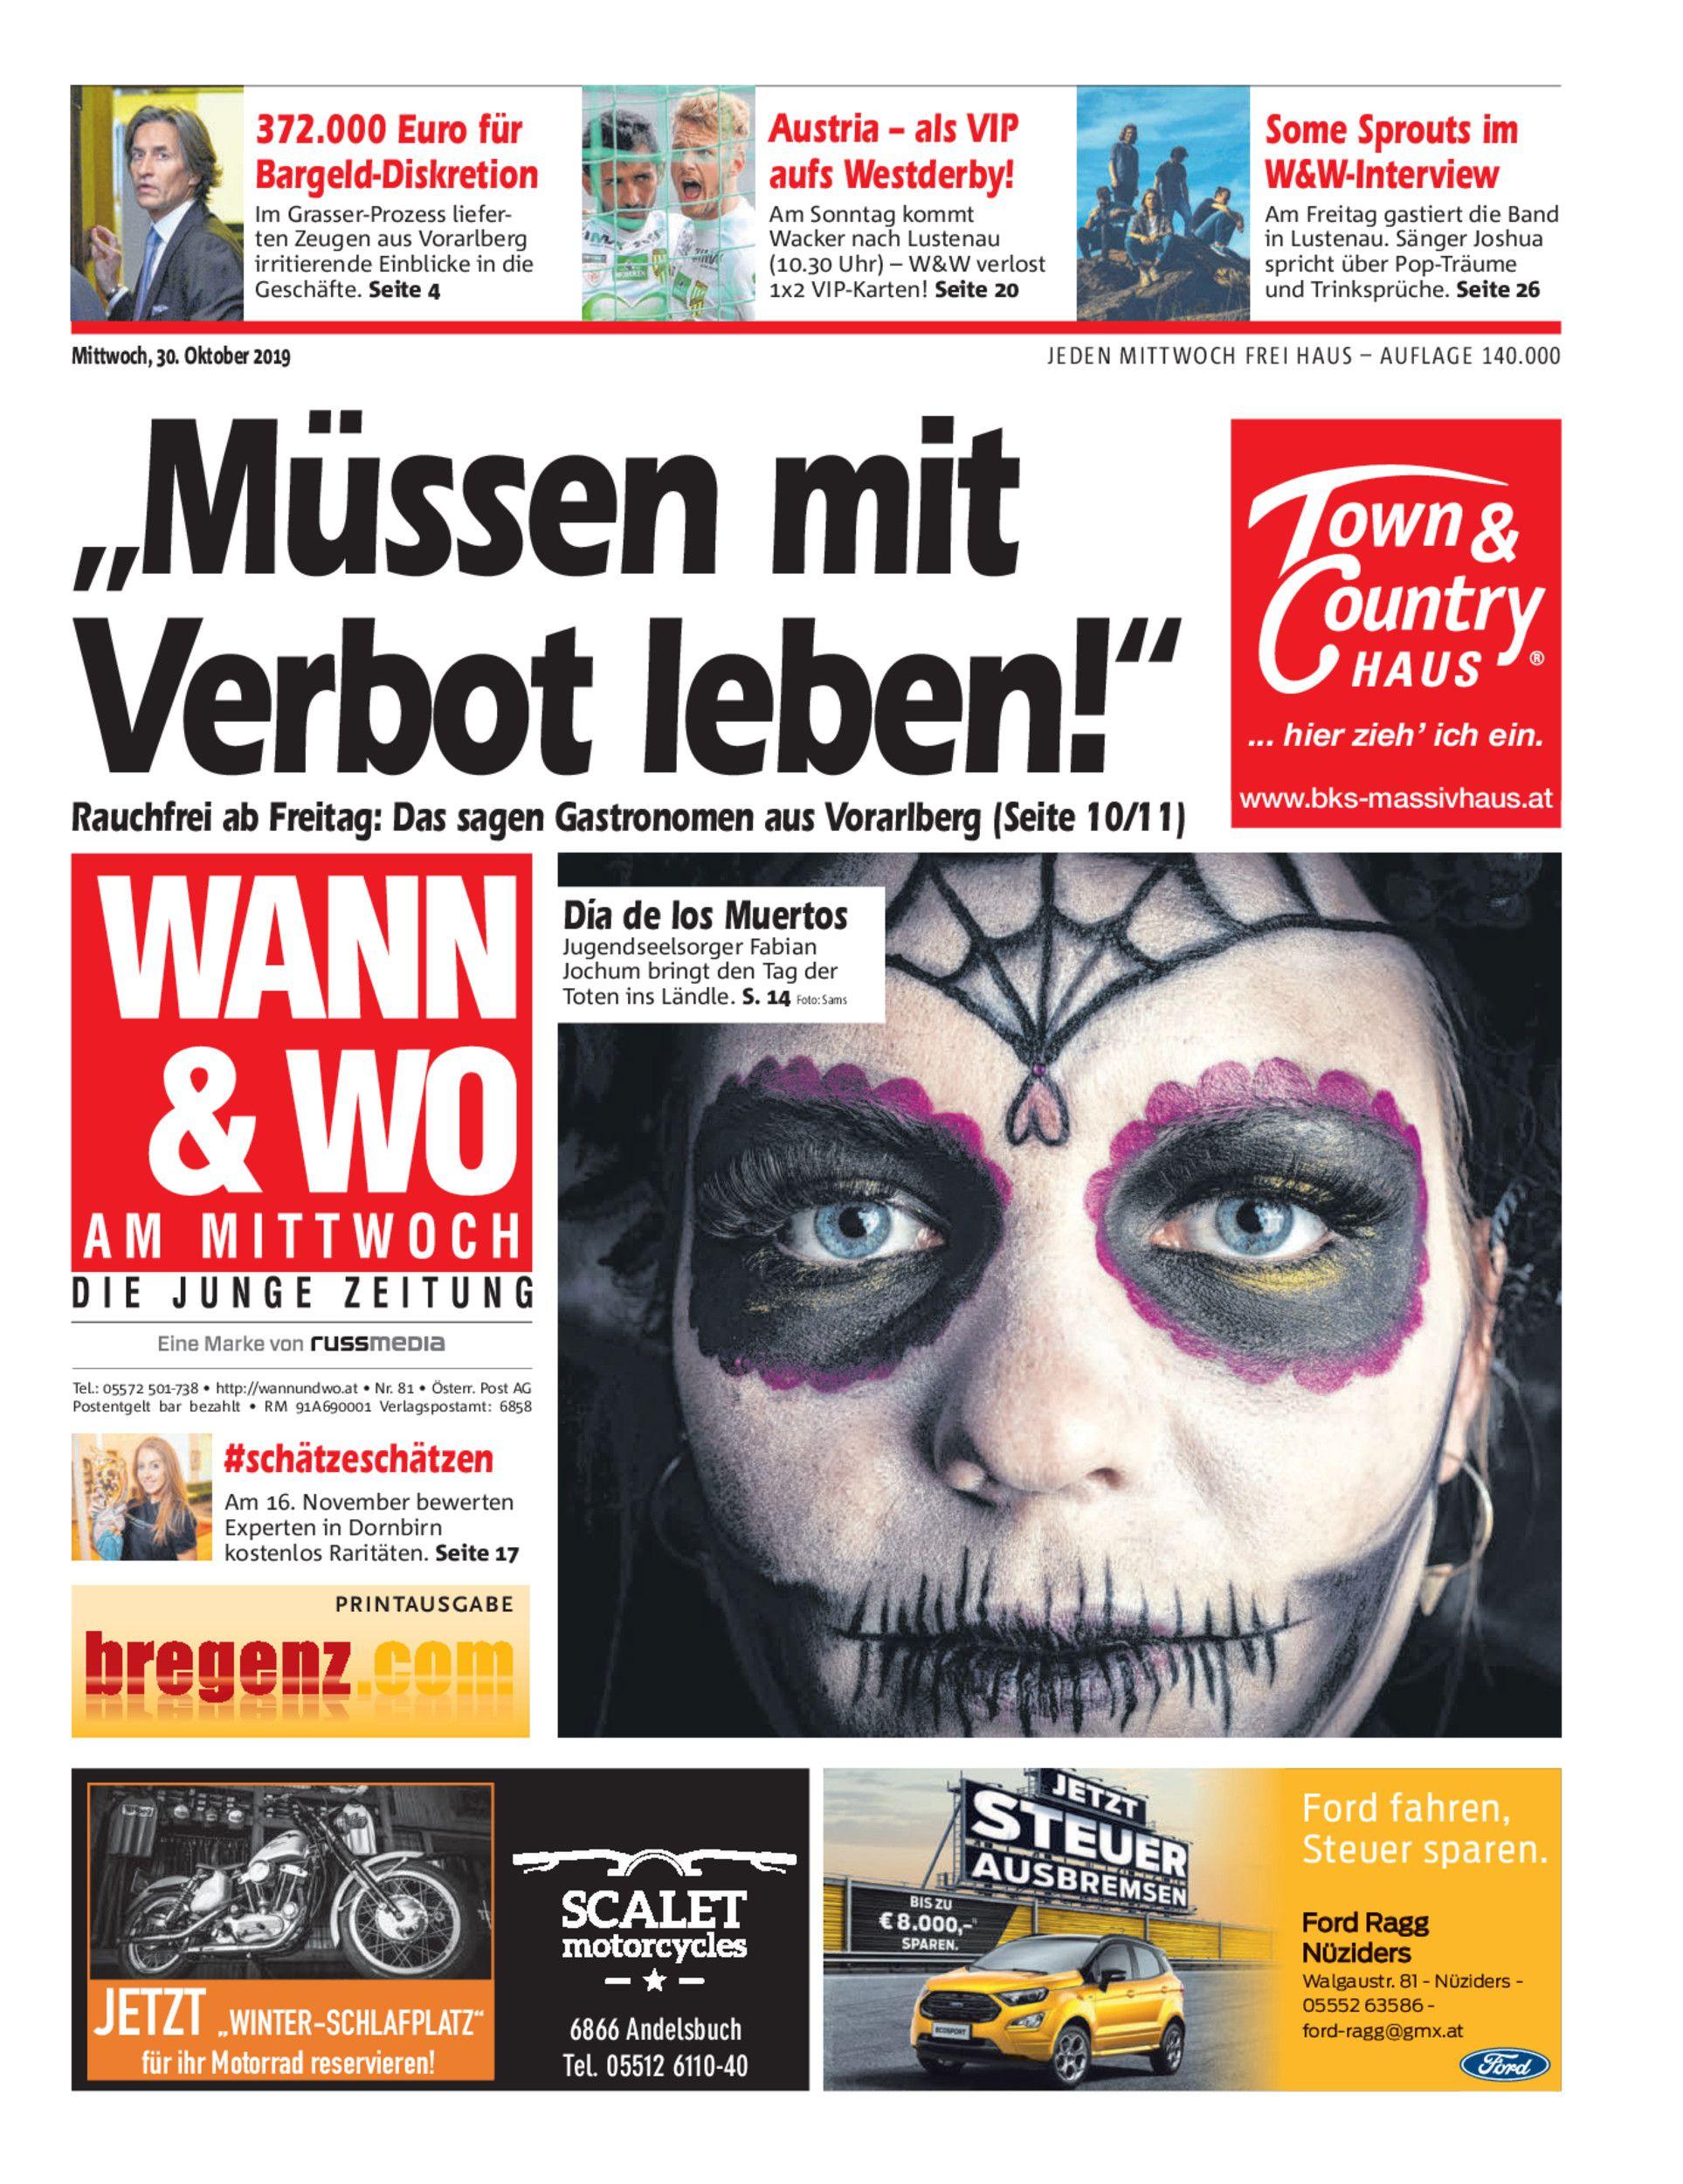 Lemo on Tour - Dornbirn - Aktuelles zu Kultur und